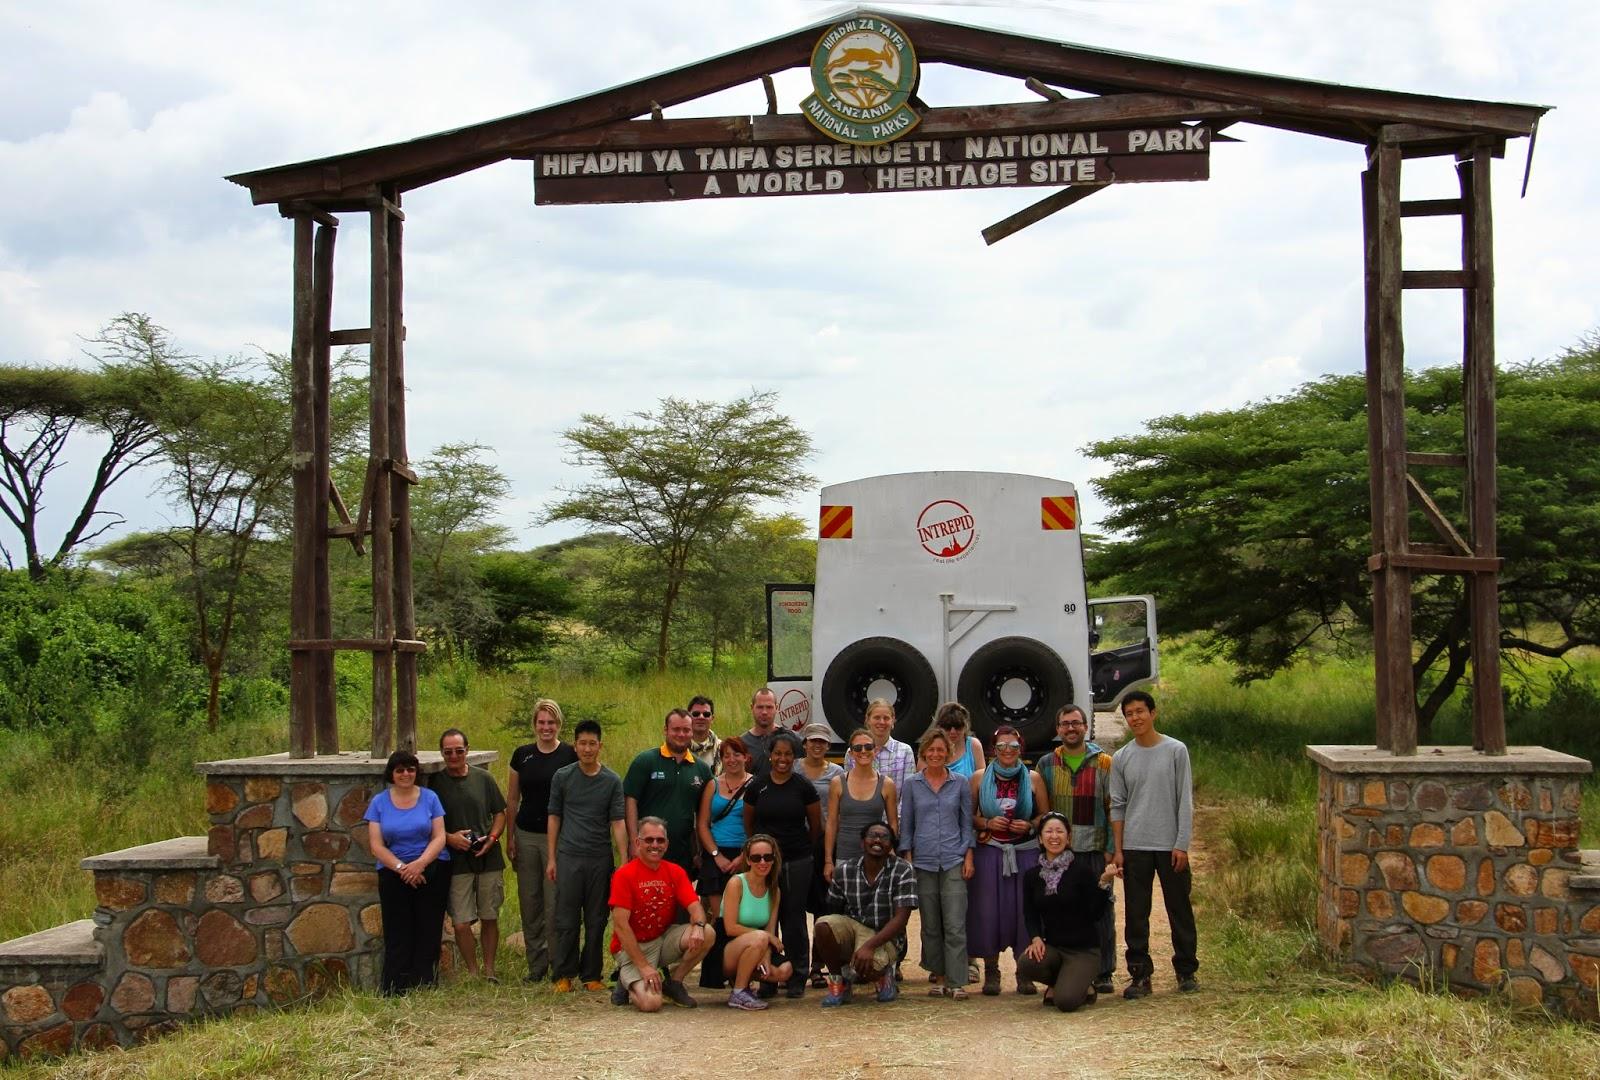 VIAGEM DE OVERLAND pelo Quénia e Tanzânia | A nossa experiência a bordo de um camião em camping